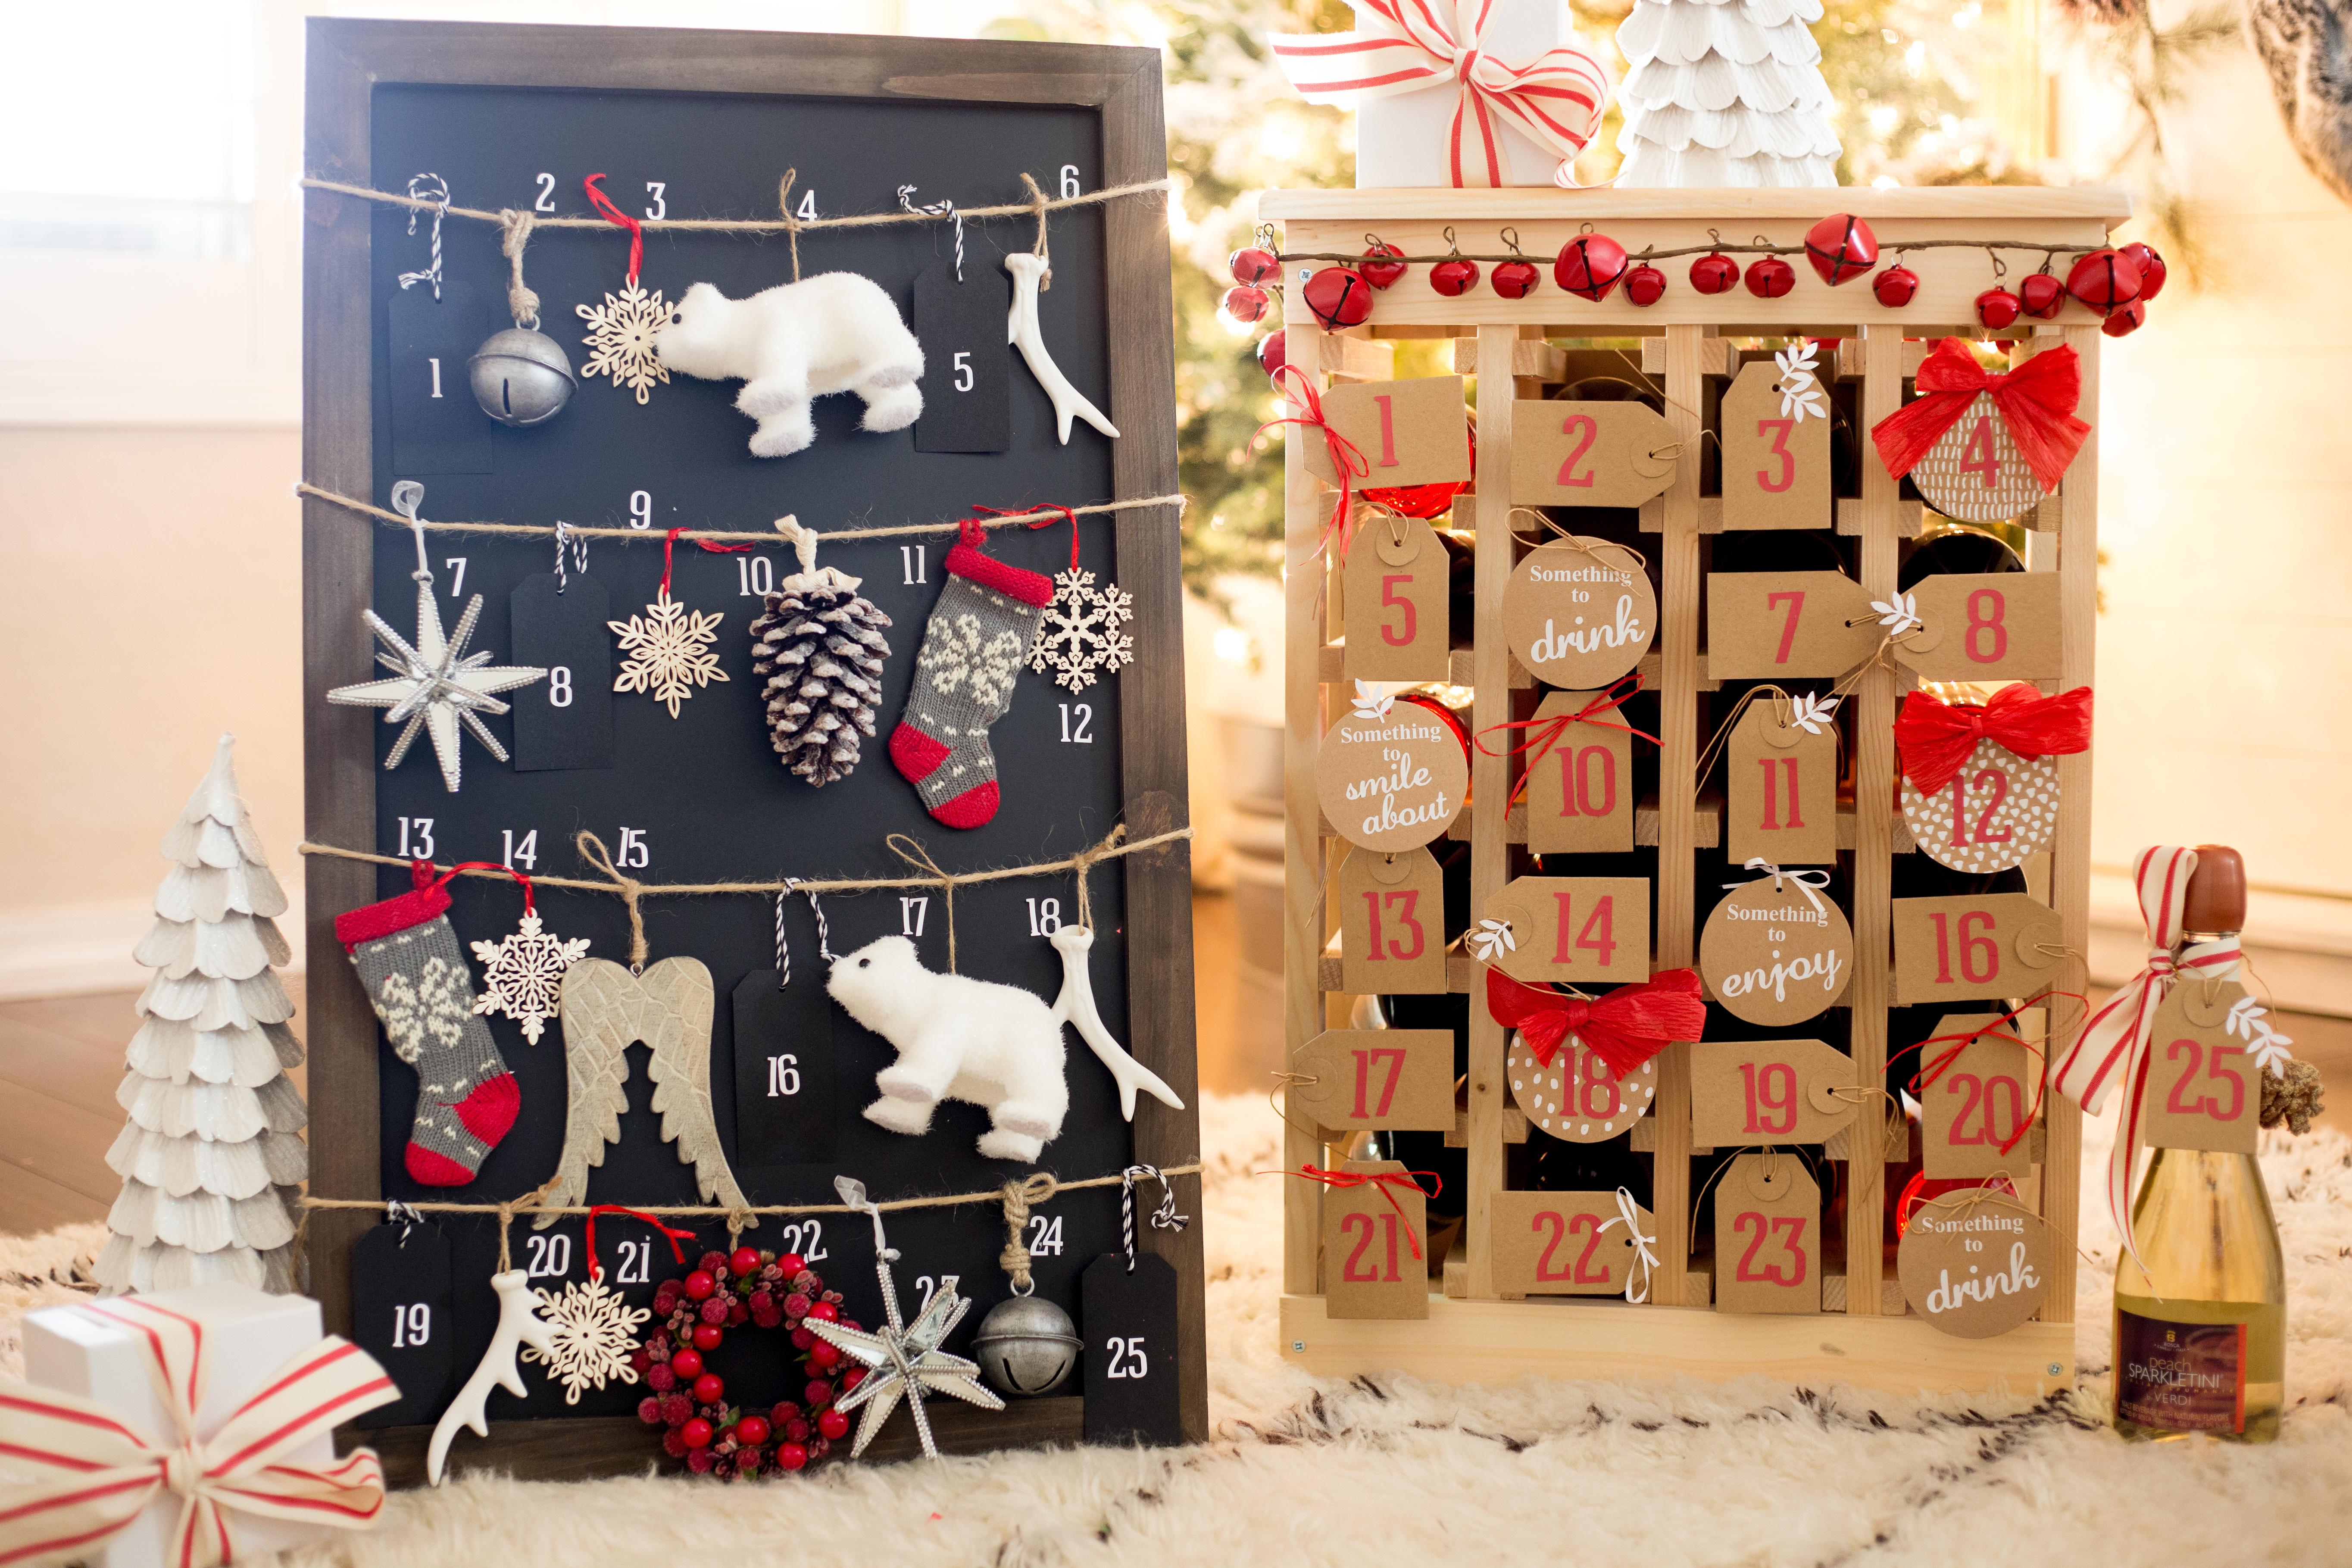 Задания для адвент календаря: советы и списки на каждый день идеи подарков для детей подарки и гостинцы каталог статей